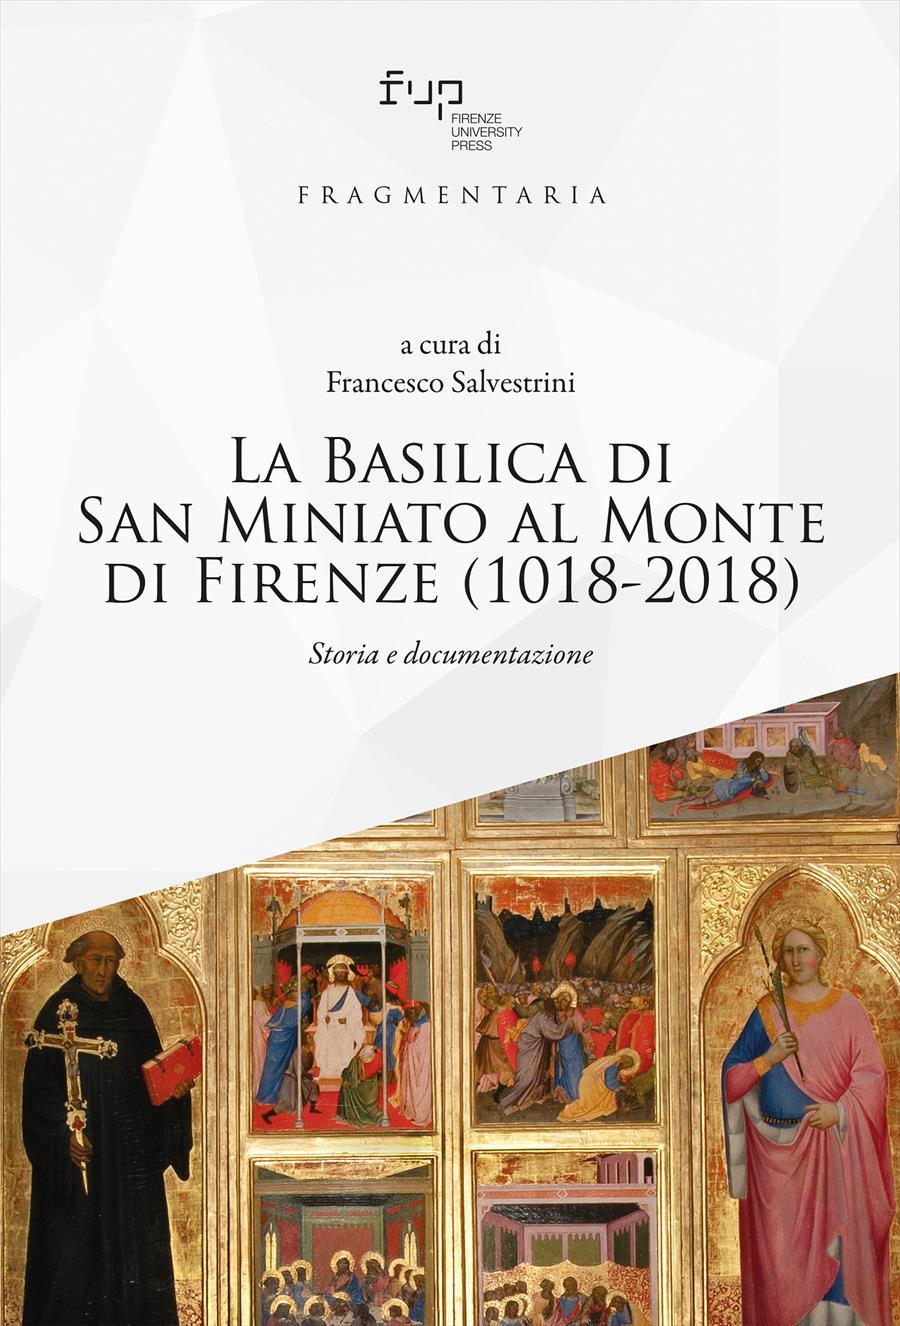 La Basilica di San Miniato al Monte di Firenze (1018-2018)